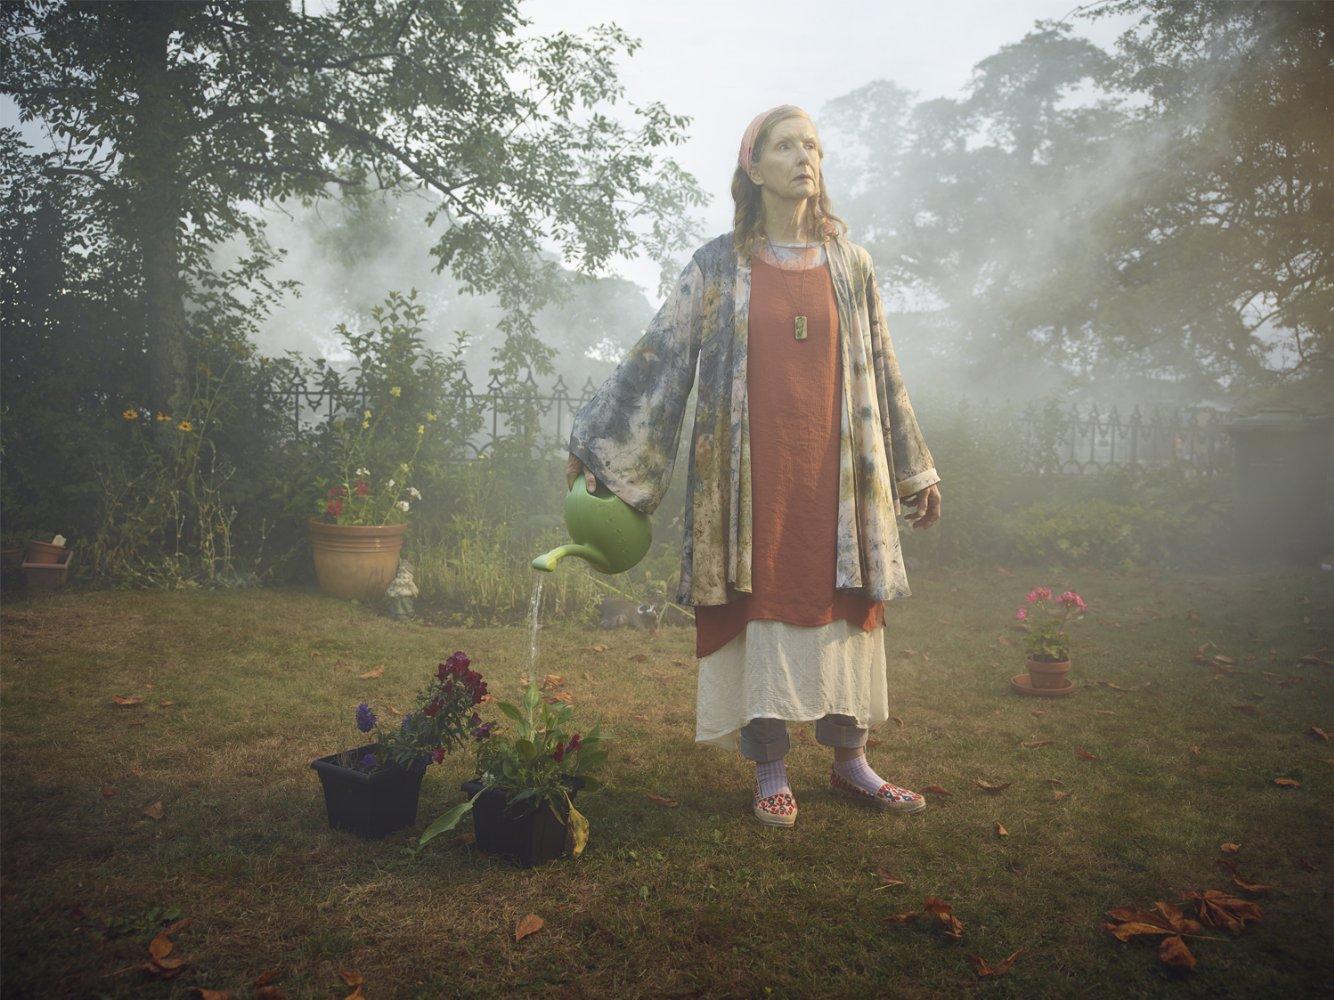 La série The Mist dévoile une première bande-annonce terriblement angoissante